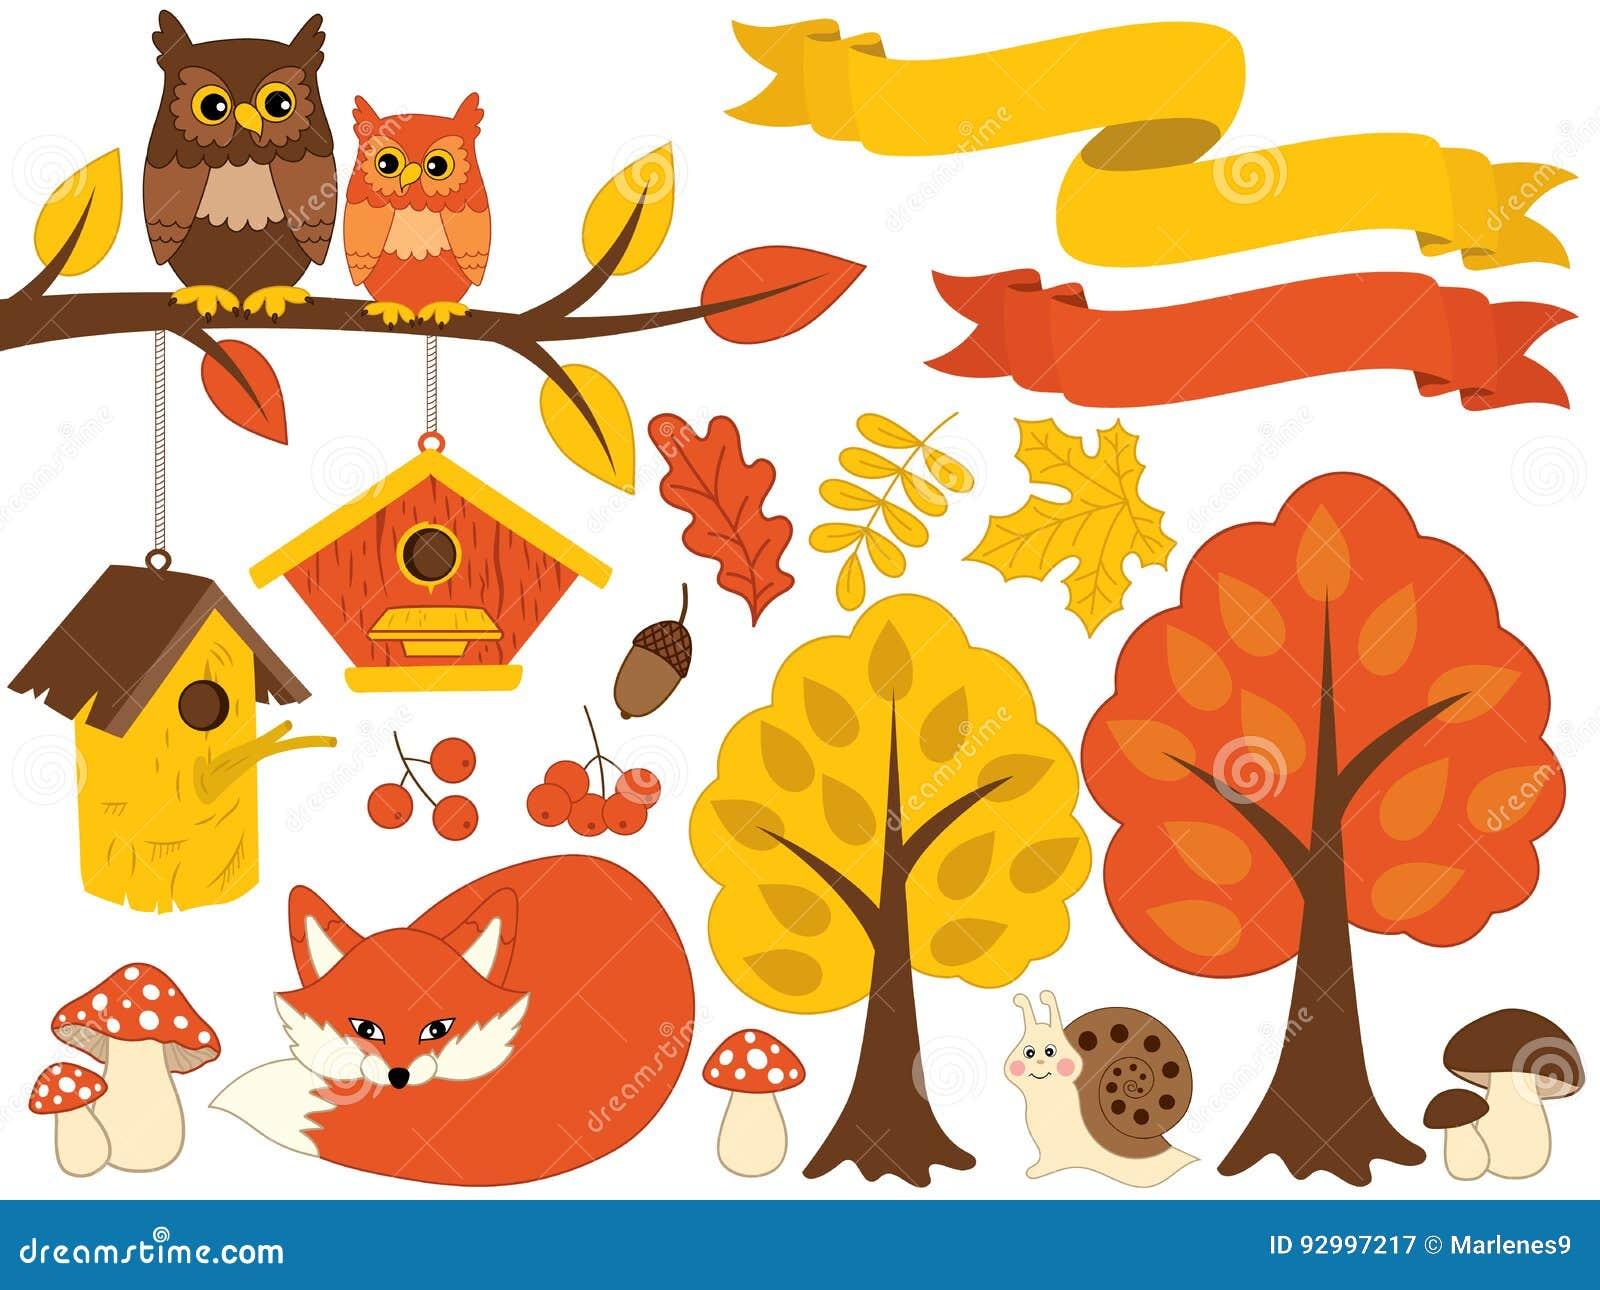 Vector Autumn Forest Set with Cute Bear, Owls, Mushrooms, Birdhouses. Vector Autumn Set. Fall Clipart